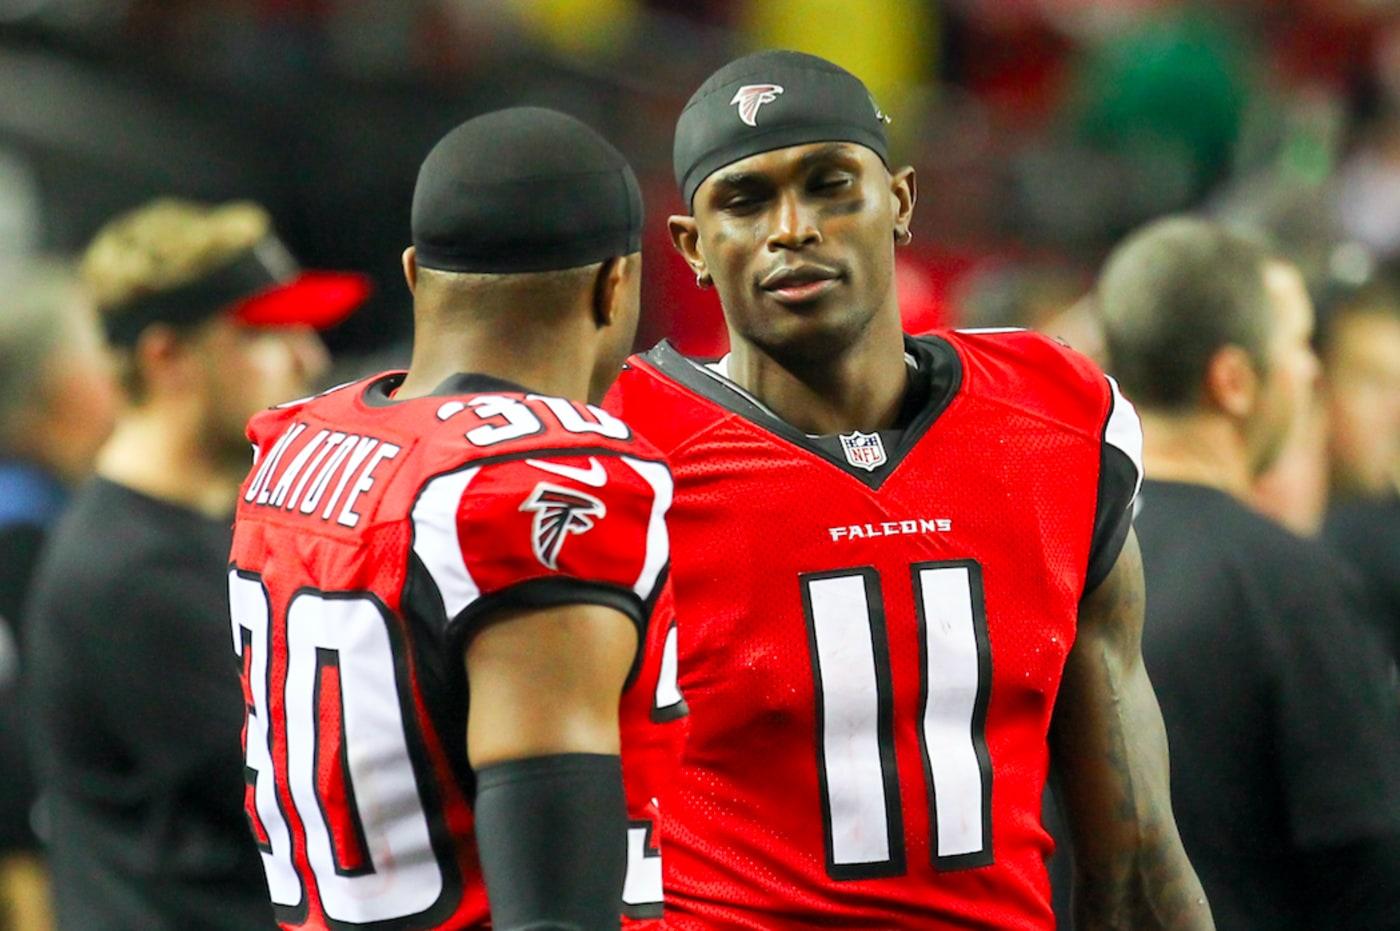 best wide receivers nfl julio jones